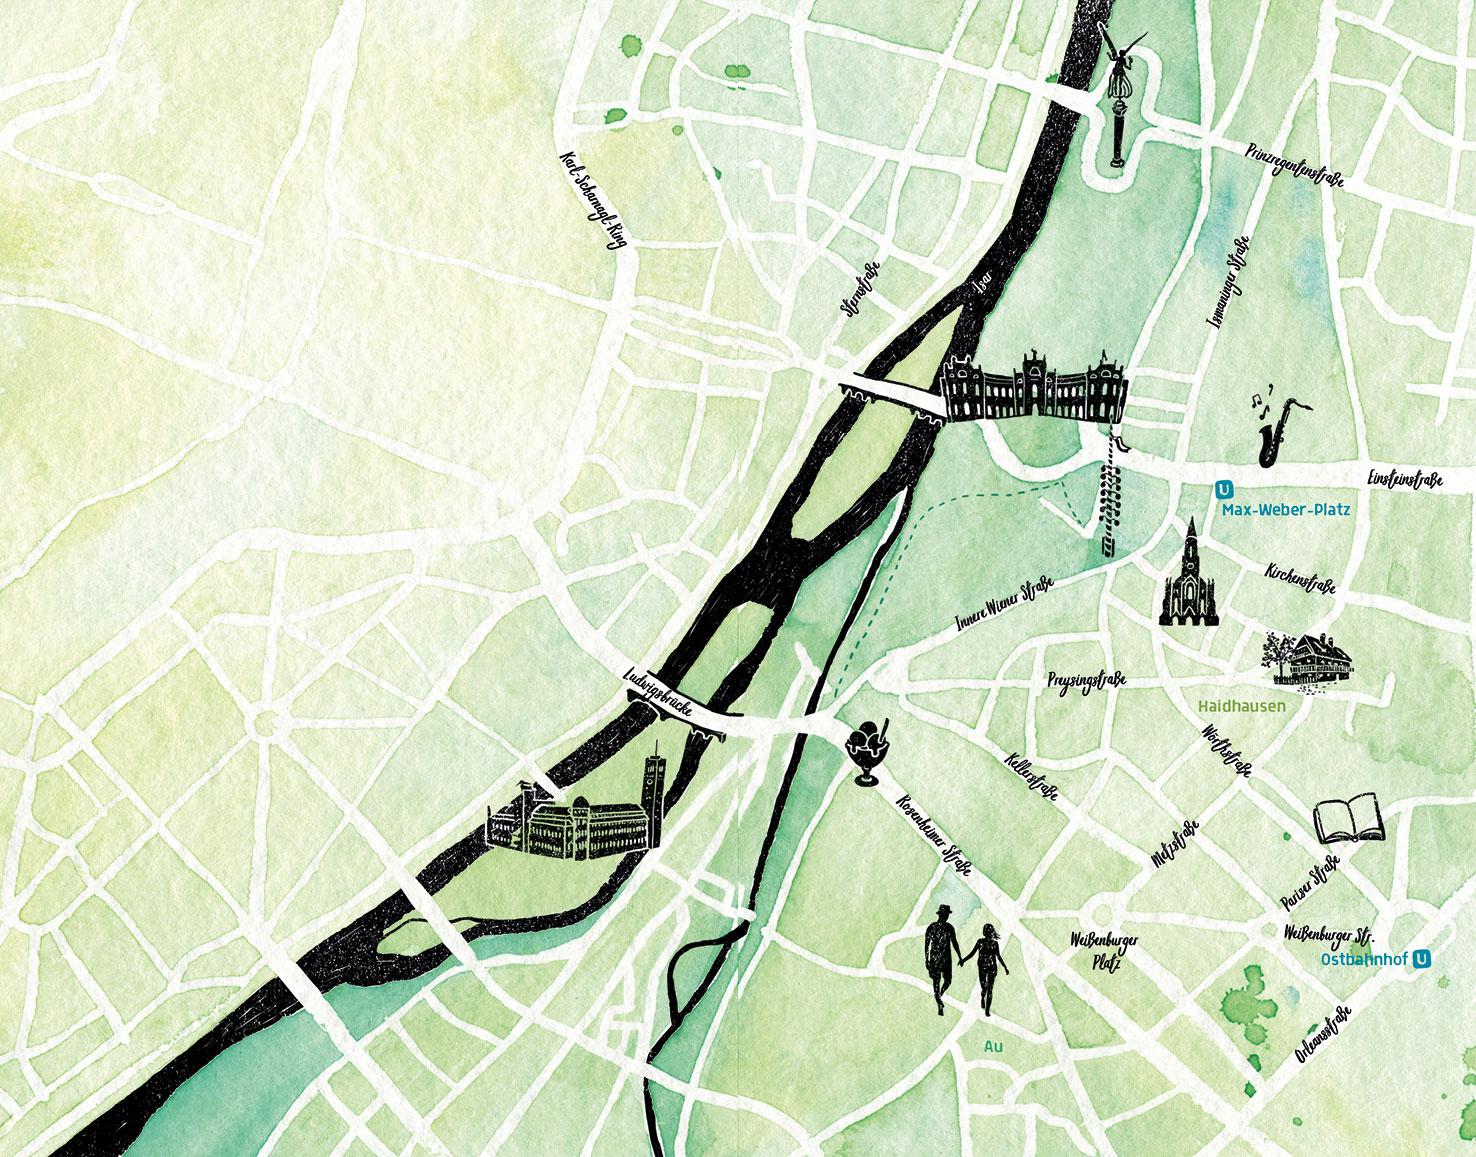 Stadtplan Haidhausen